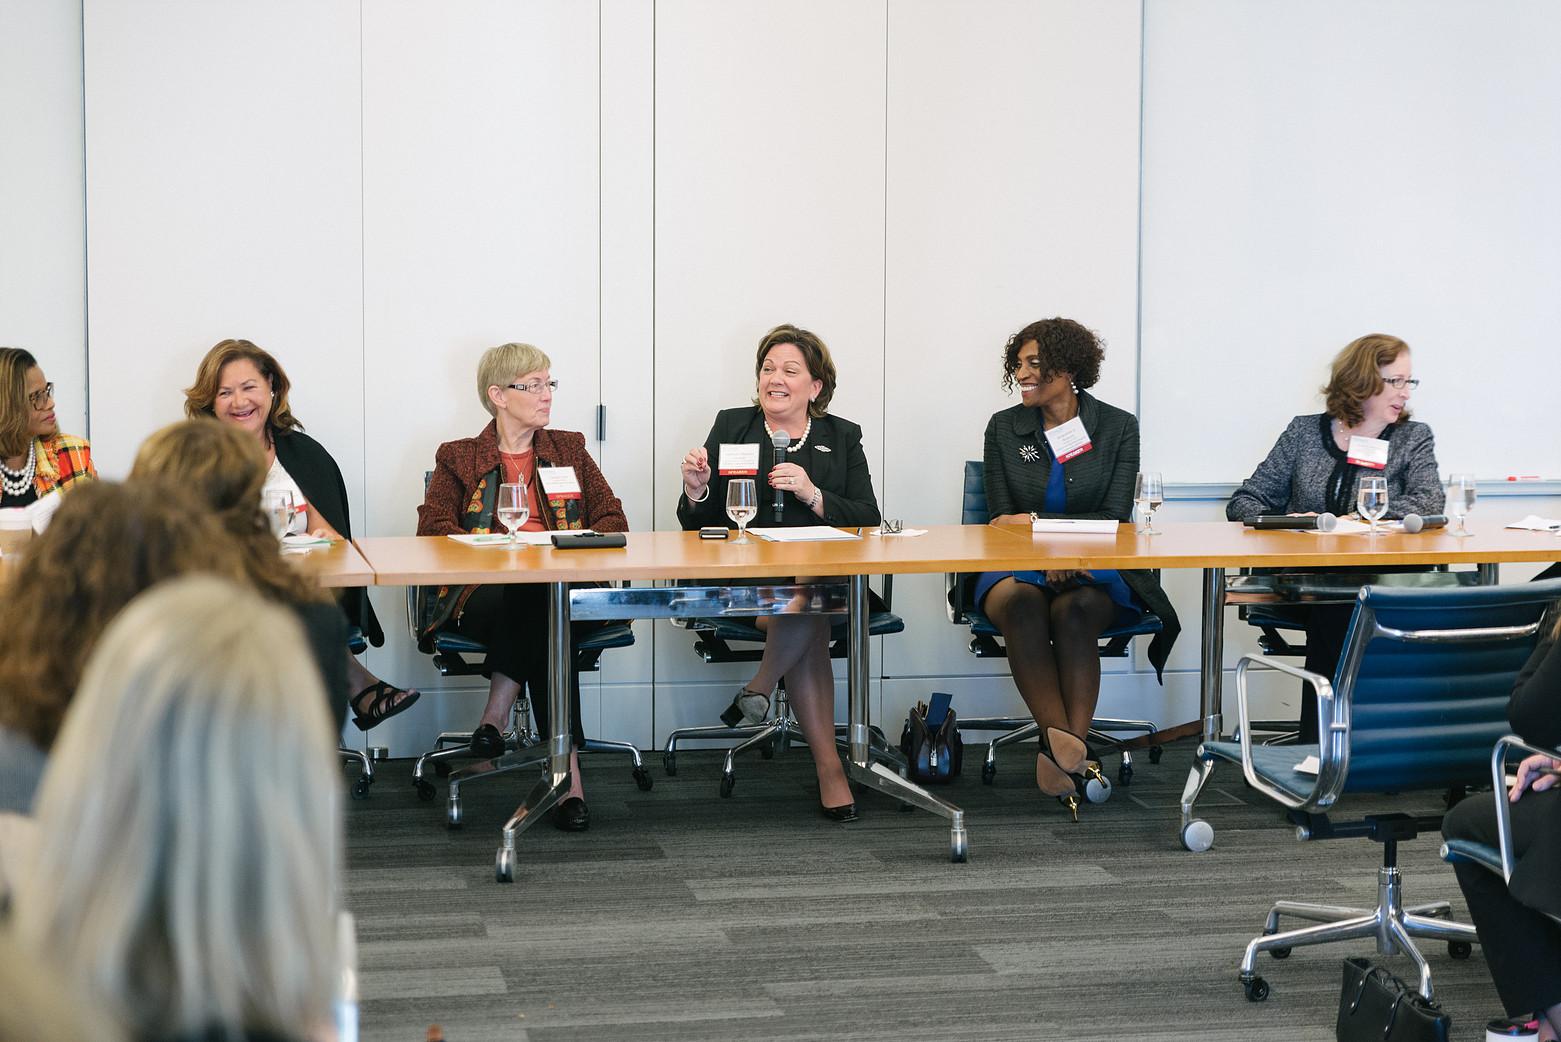 Women in healthcare meeting